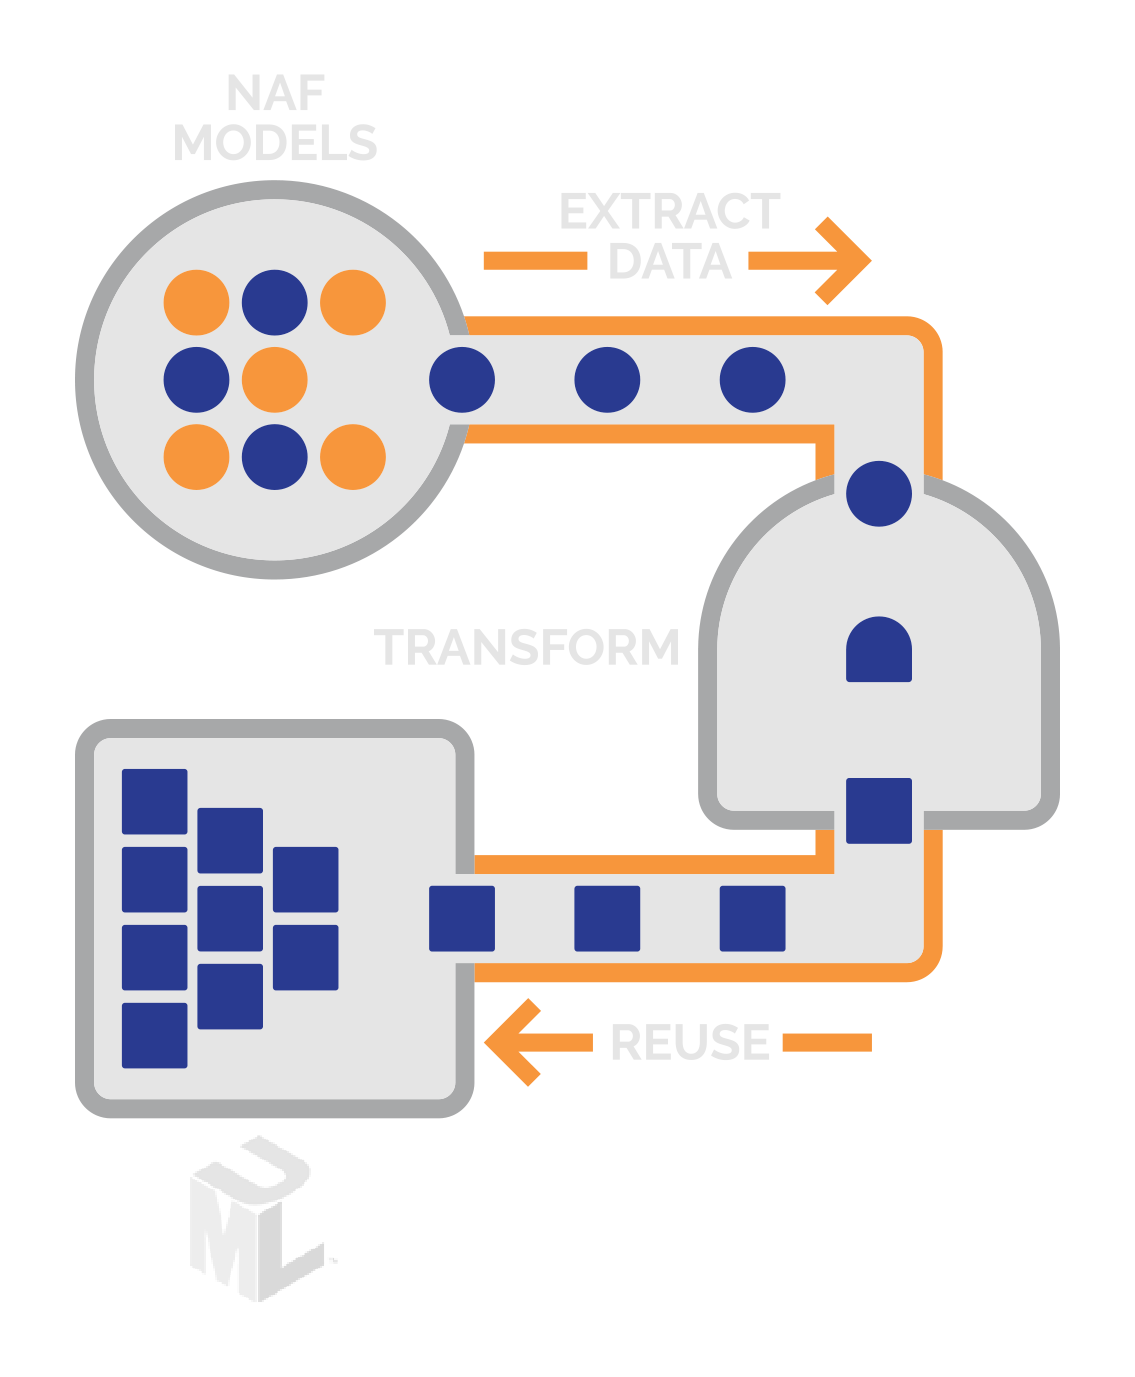 sodius_diagram_sparx_enterprise_architect